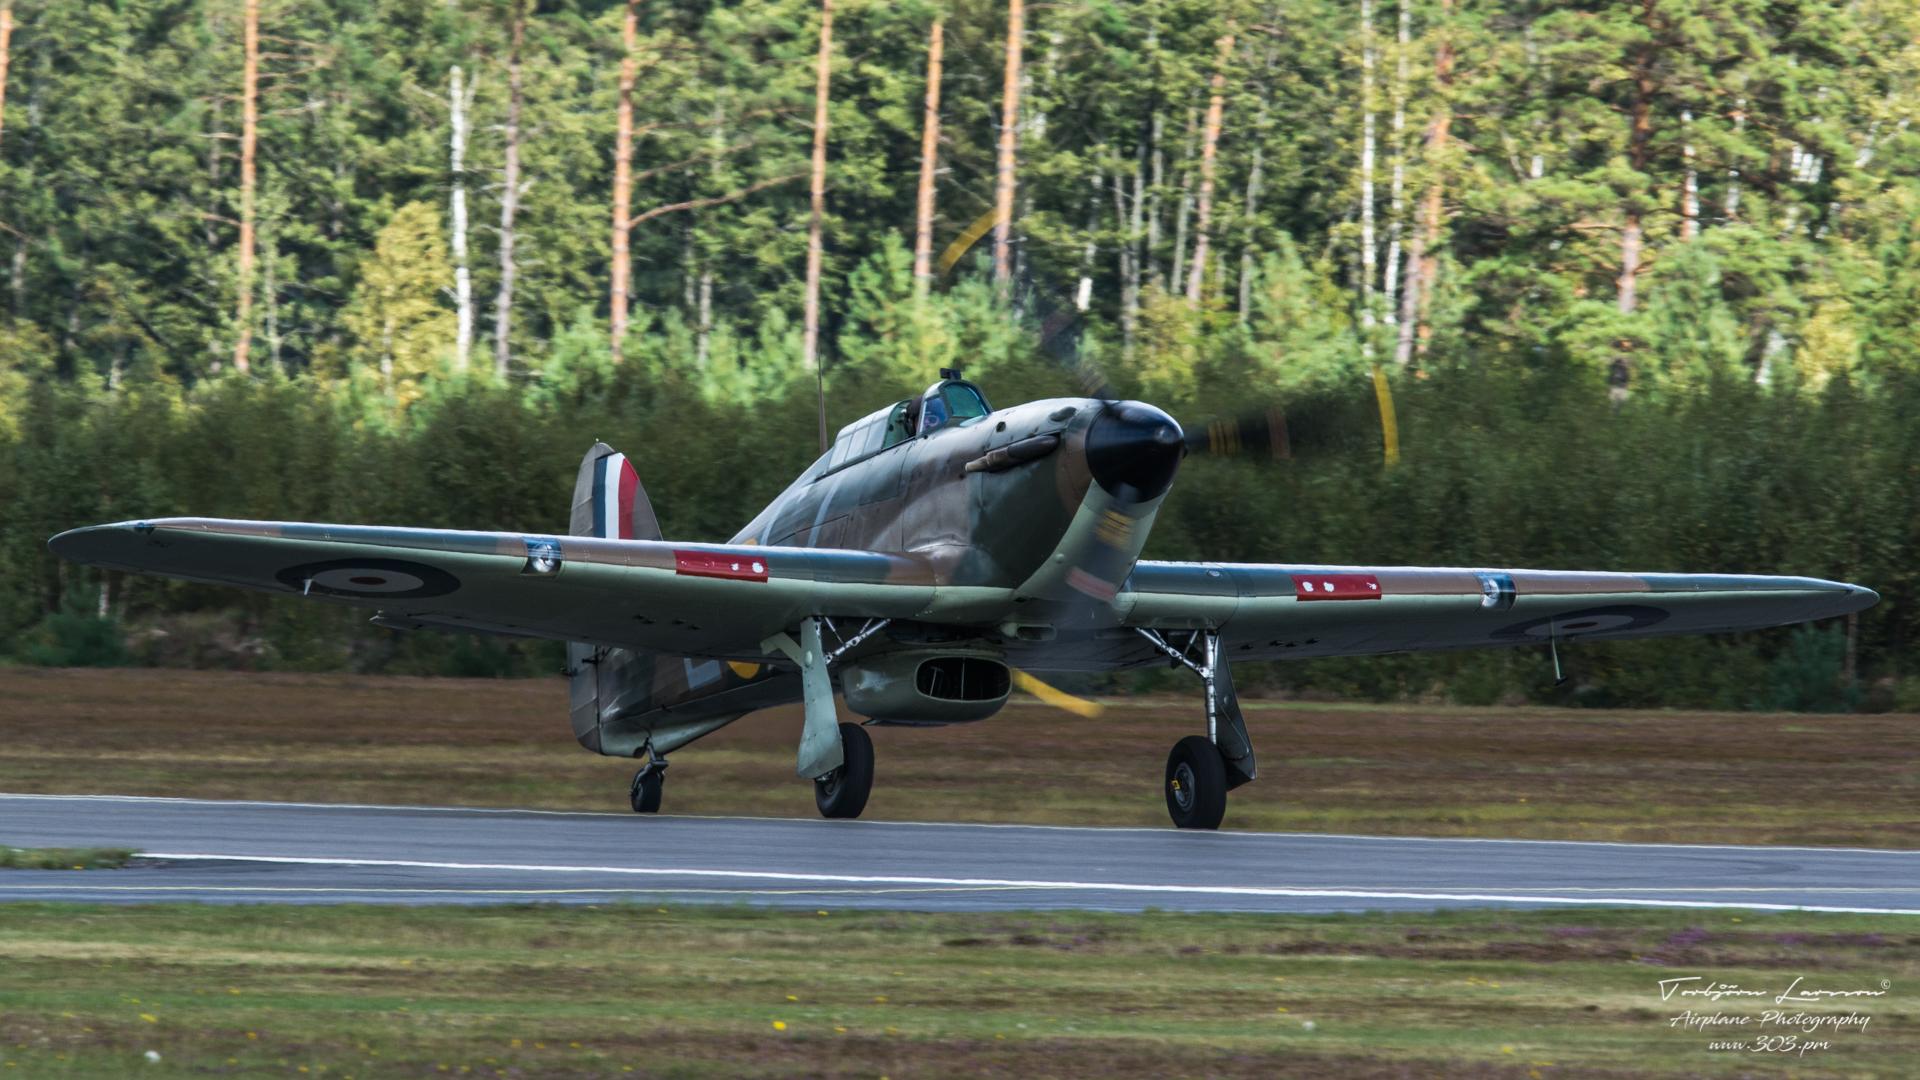 TBE_1575-Hawker Hurricane Mk1